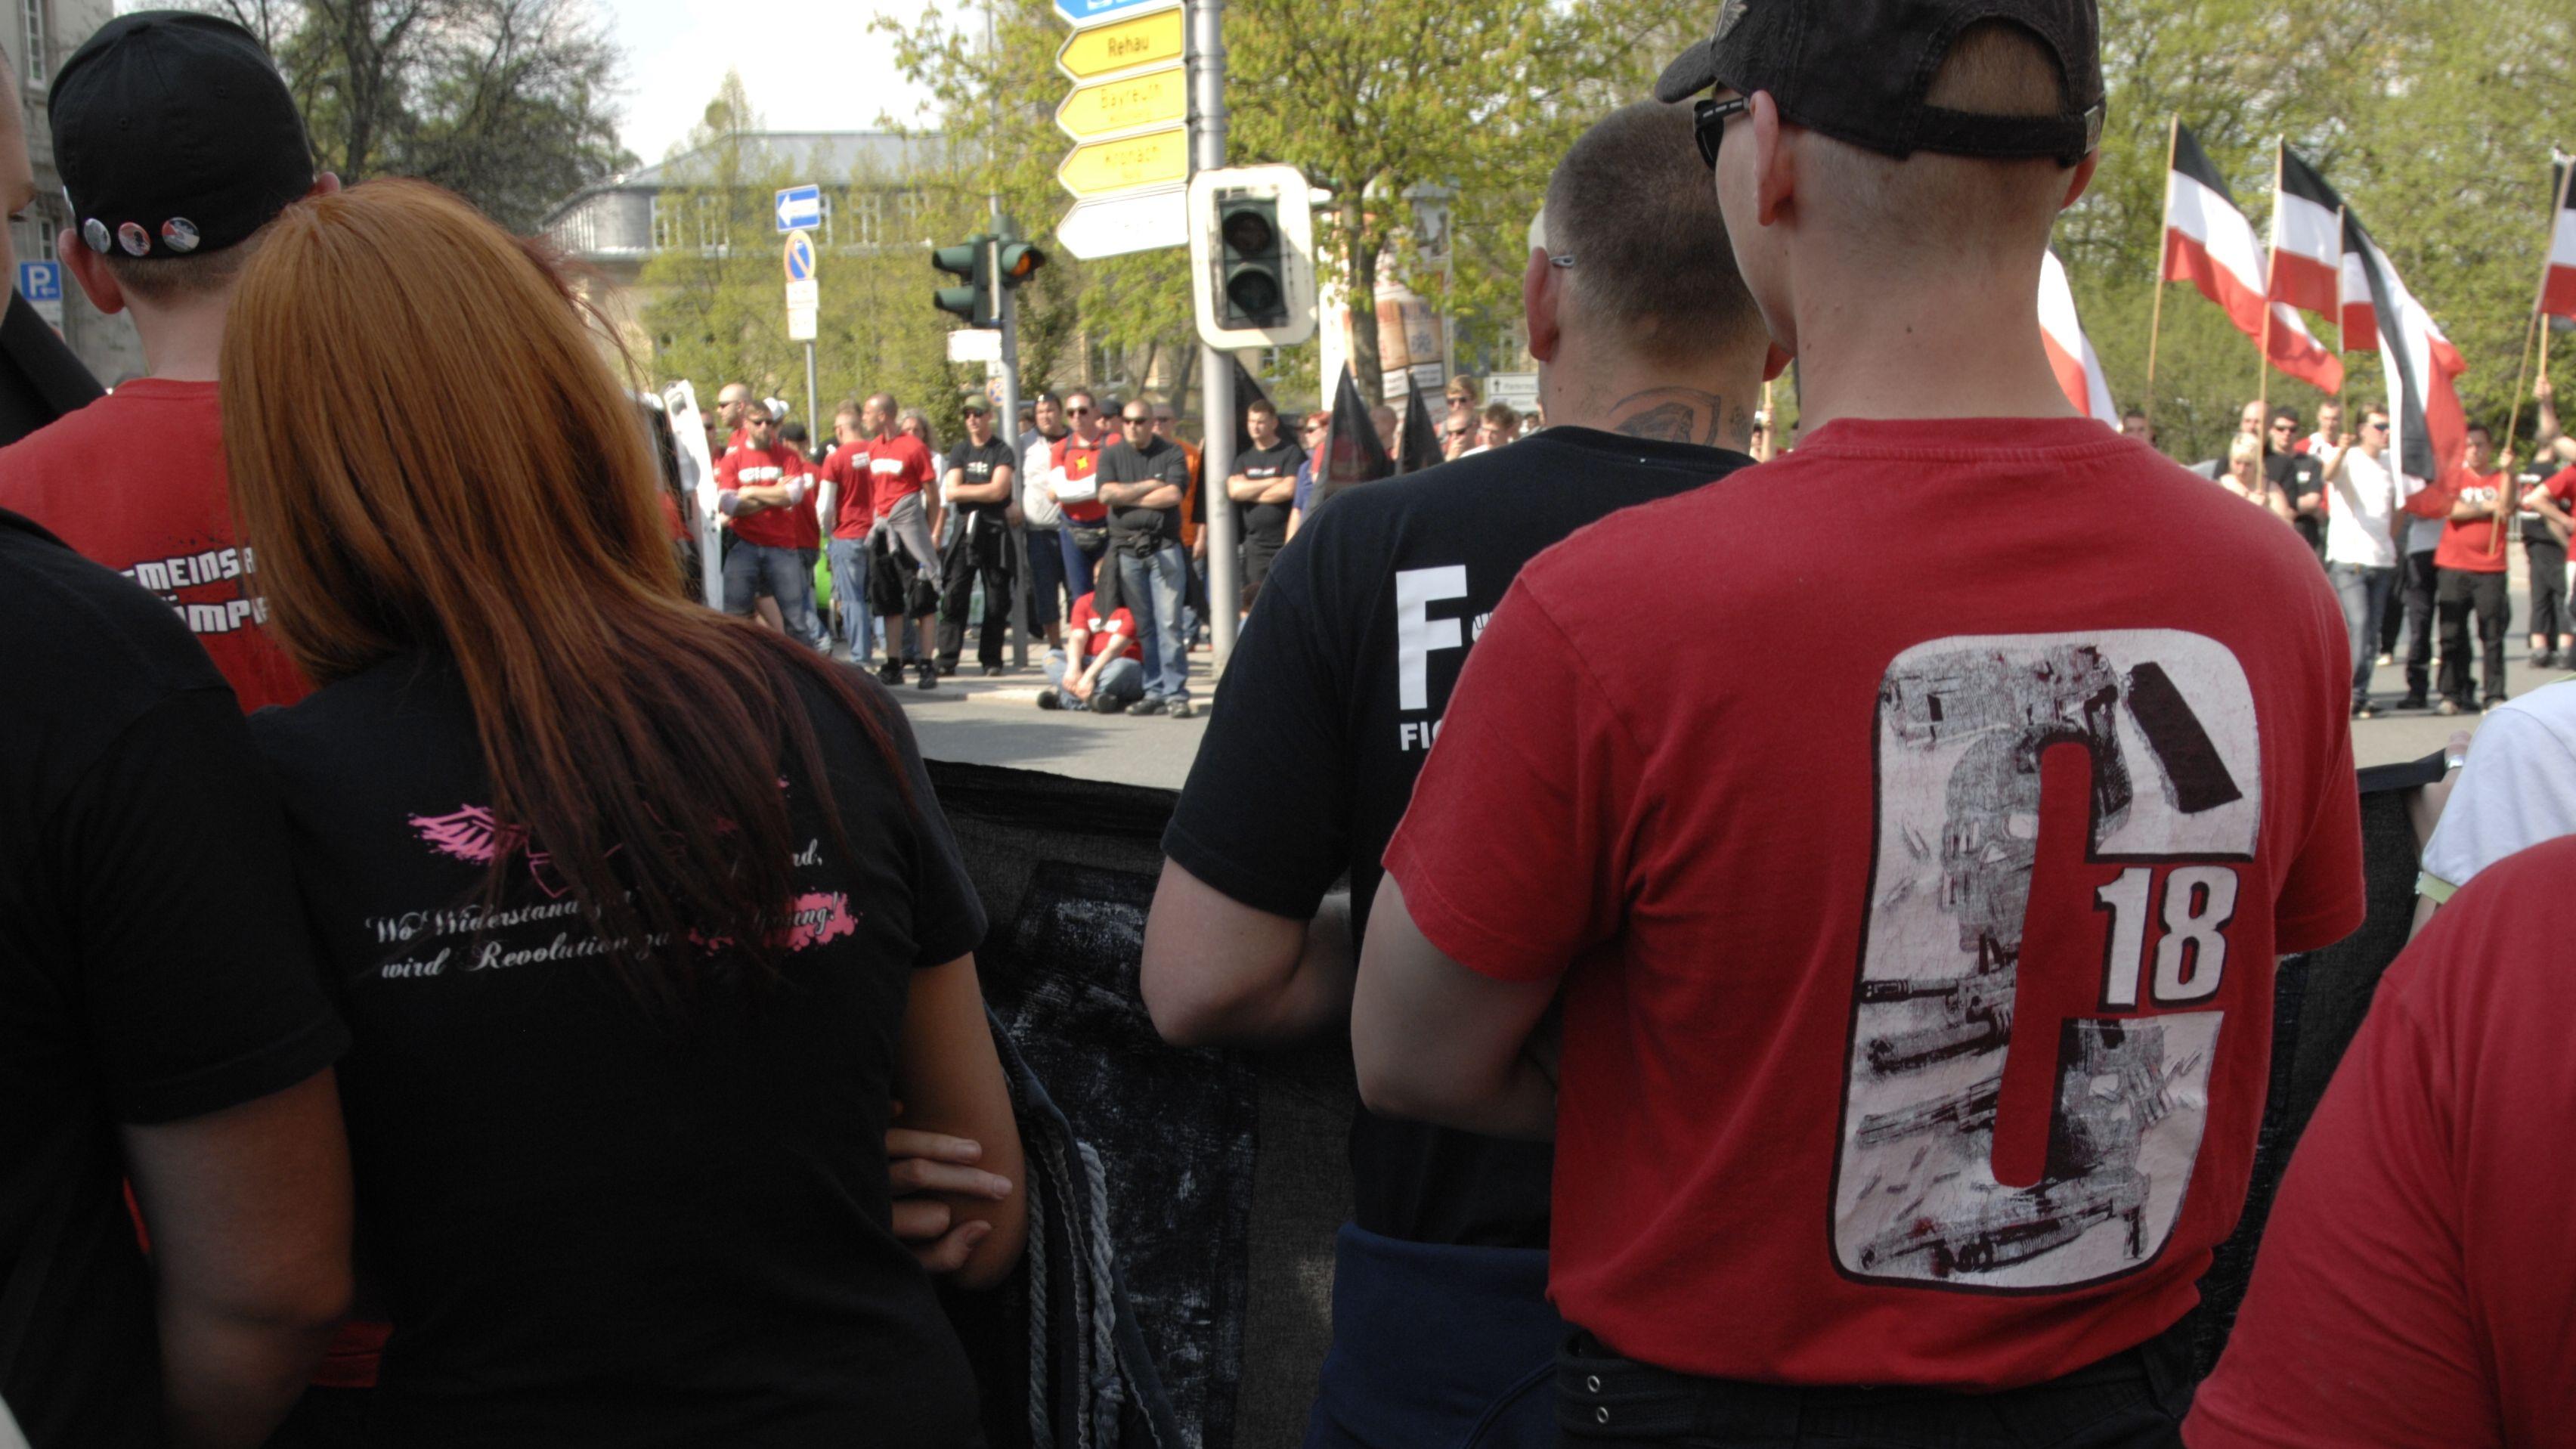 C18-Unterstützer bei einem Neonazi-Aufmarsch in Bayern zeigt - 2012 in Hof